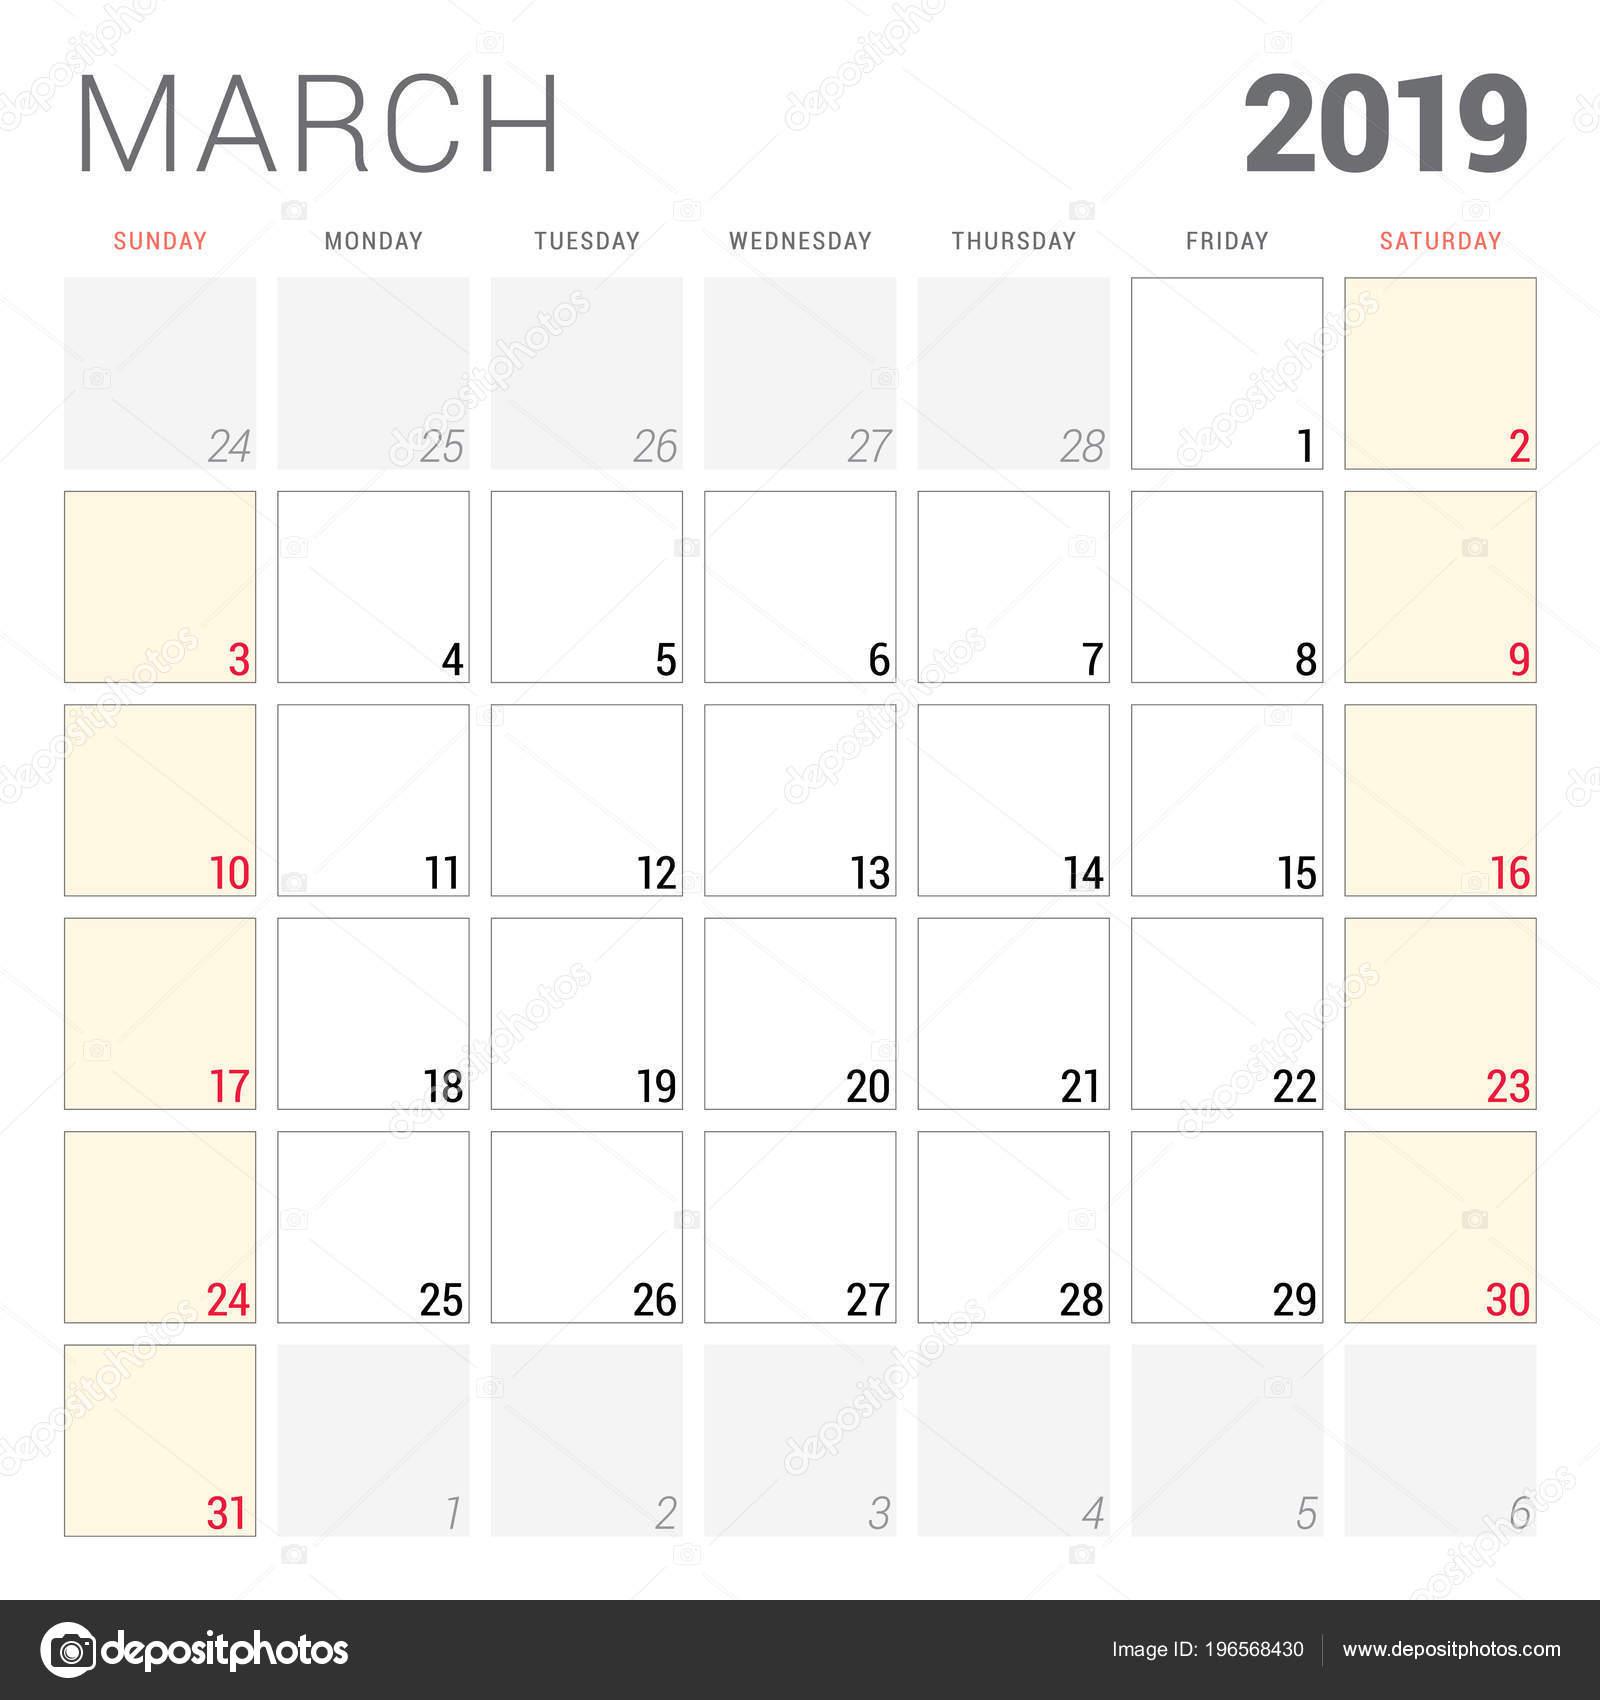 4b0a75f495a5 Planner kalendarz do marca 2019. Tydzień rozpoczyna się w niedzielę.  Szablon projektu do druku wektor artykuły papiernicze– ilustracja stockowa